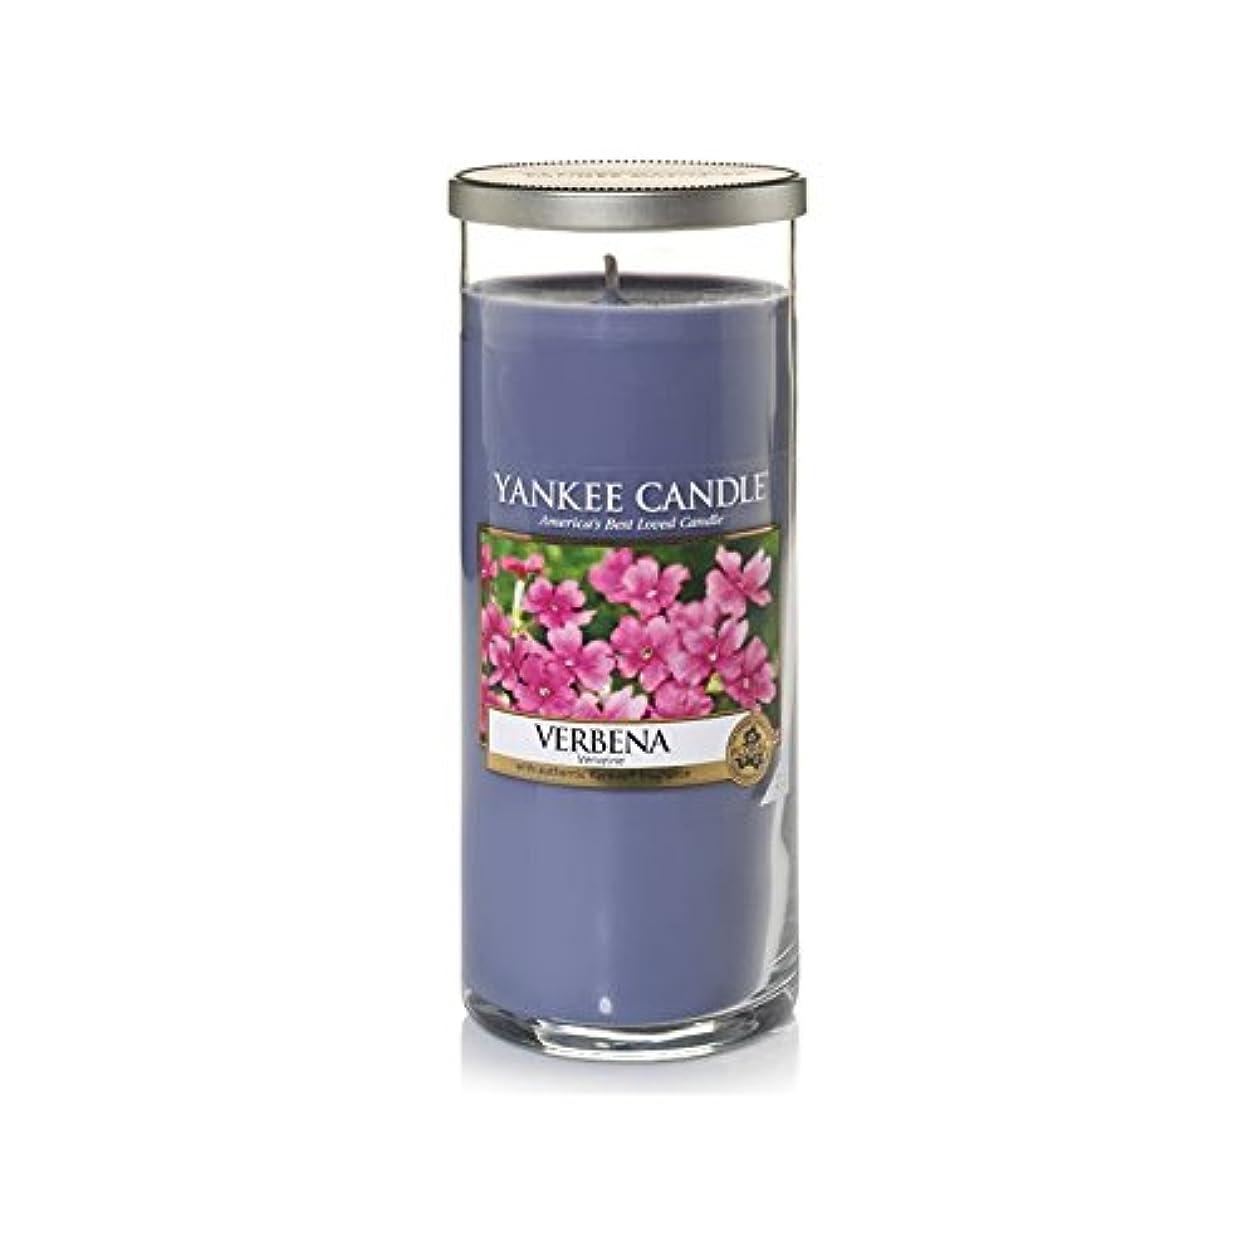 冷蔵する商品検査官Yankee Candles Large Pillar Candle - Verbena (Pack of 6) - ヤンキーキャンドル大きな柱キャンドル - バーベナ (x6) [並行輸入品]